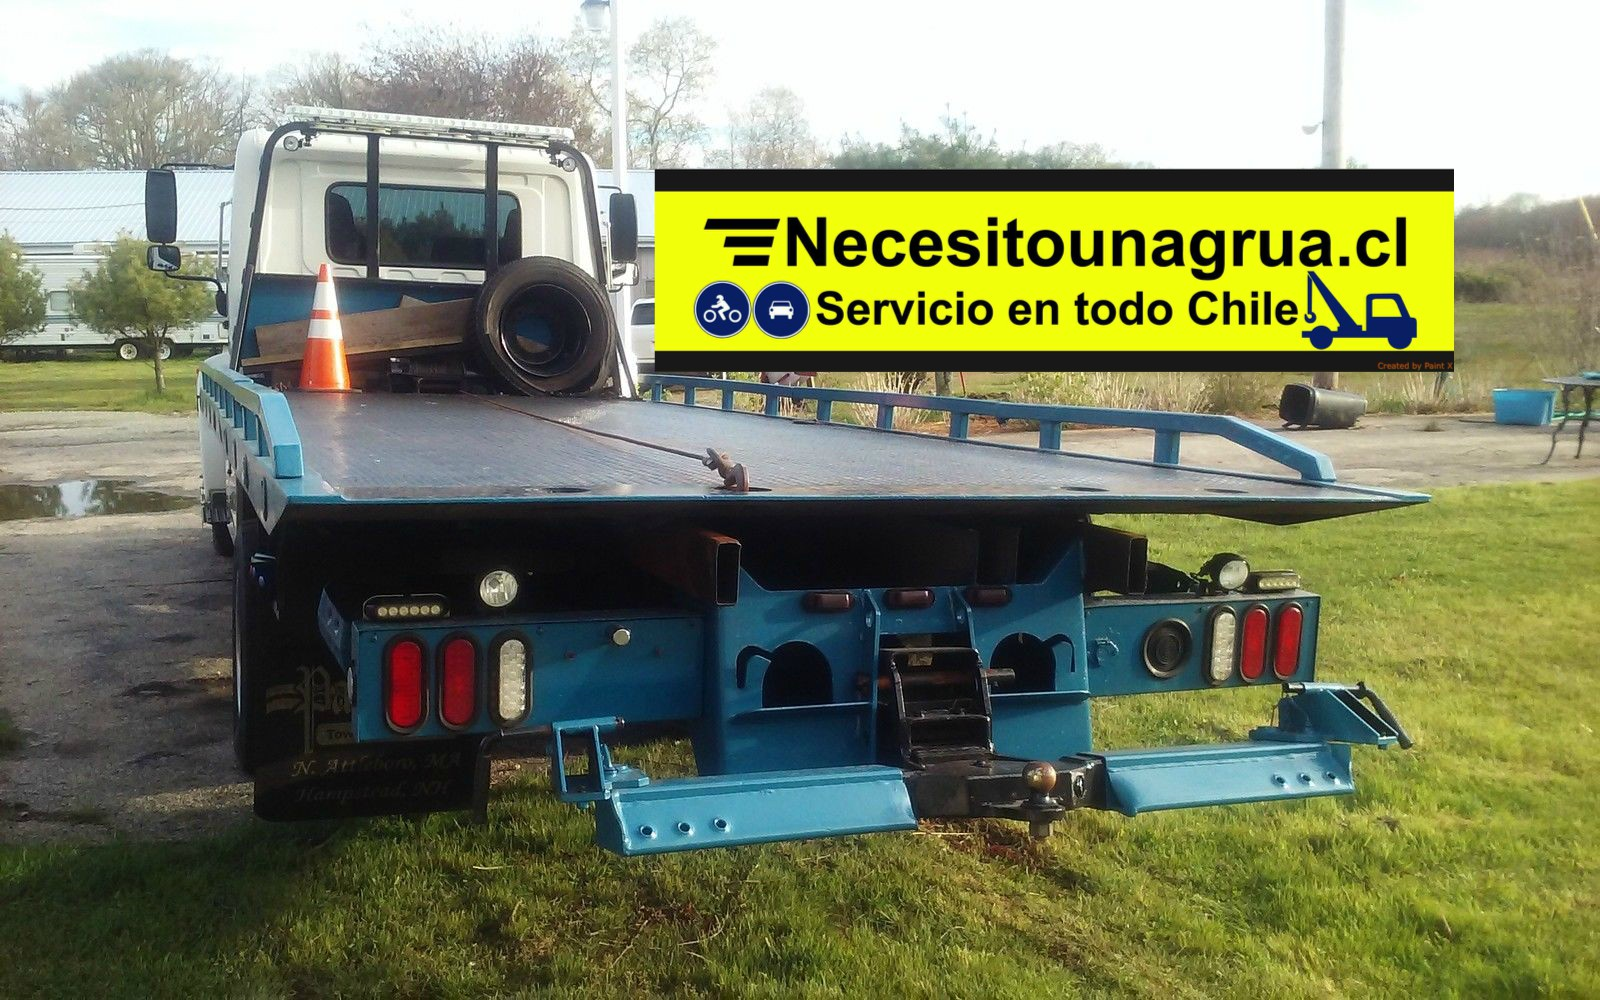 13_Wheel_Lift_para_camas_hidráulicas_de_camiones_Necesitounagrua